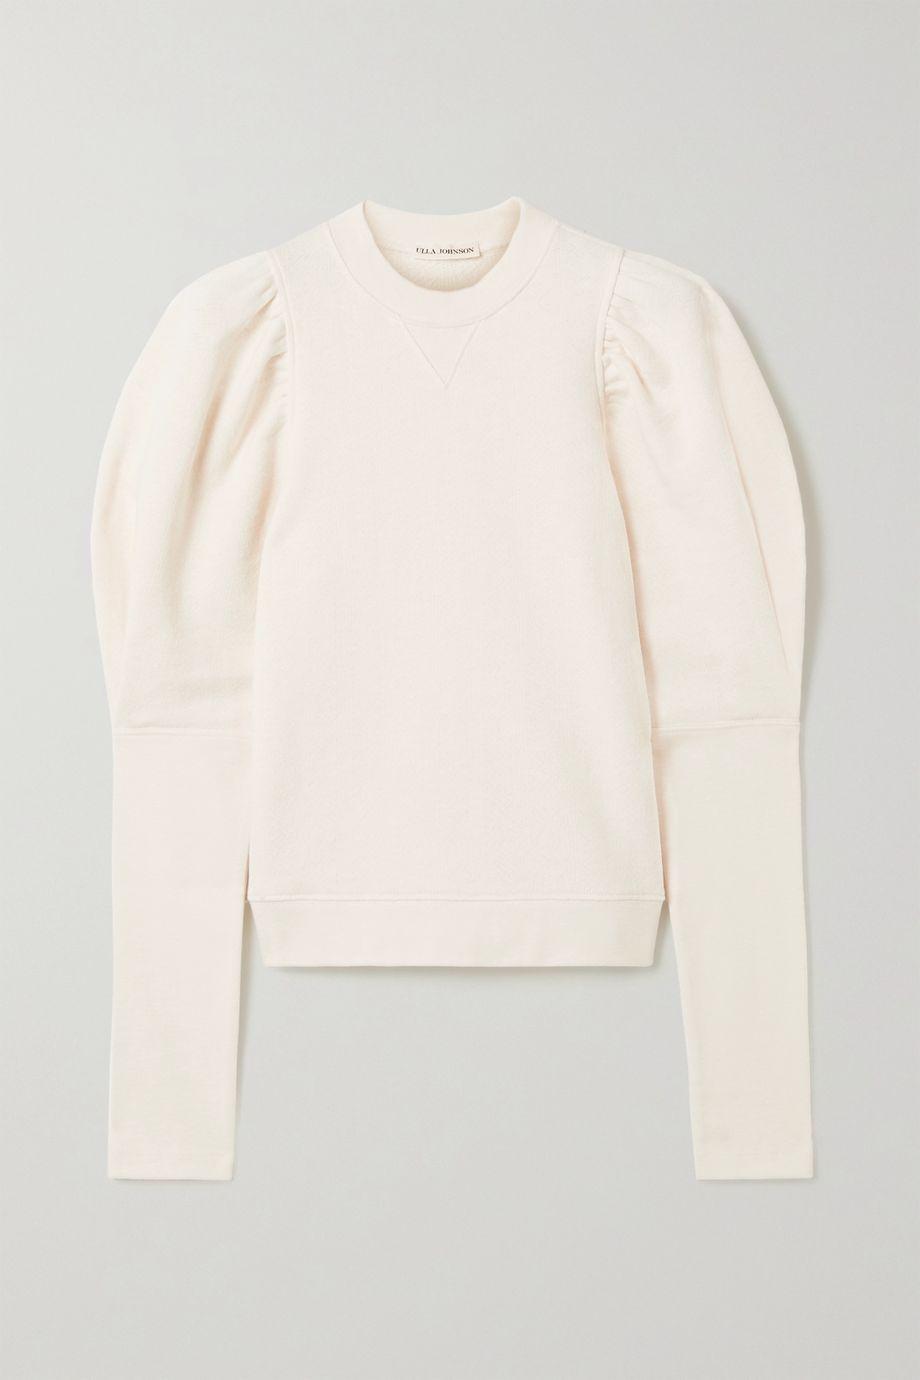 Ulla Johnson Philo cotton-jersey sweatshirt